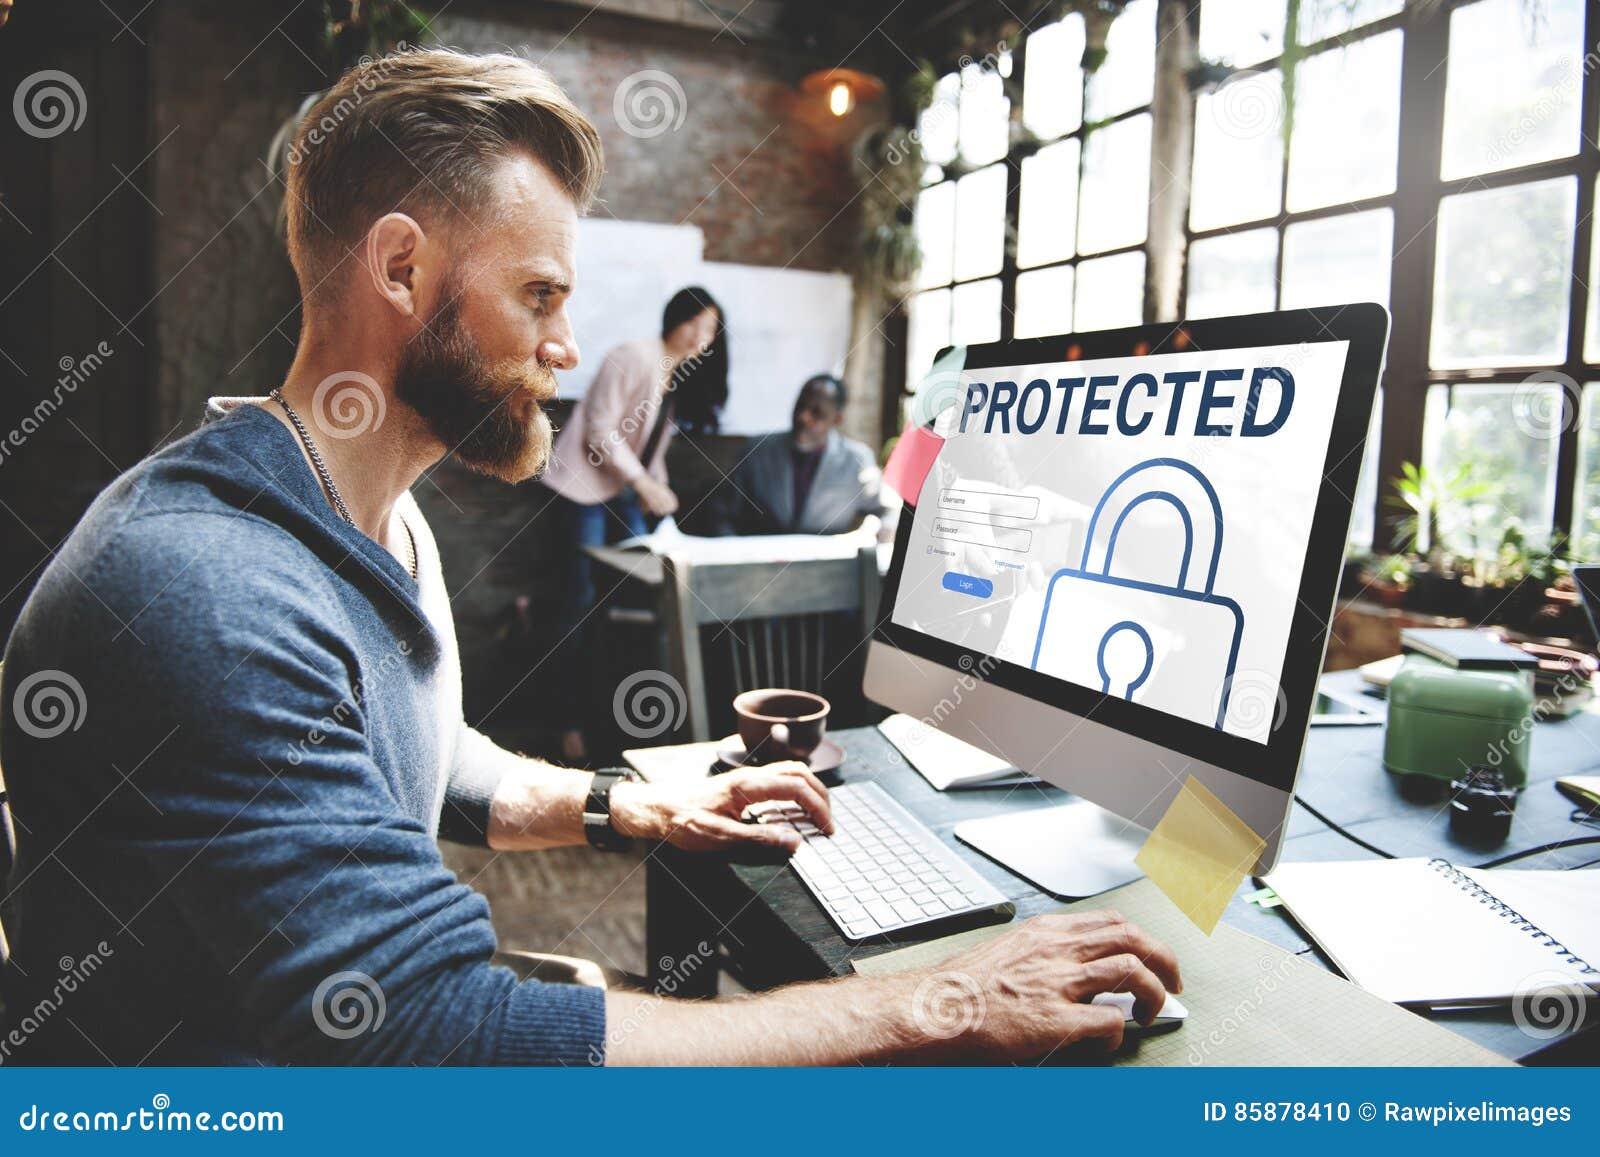 Ochraniający nazwa użytkownika użytkownika hasła rejestru pojęcie